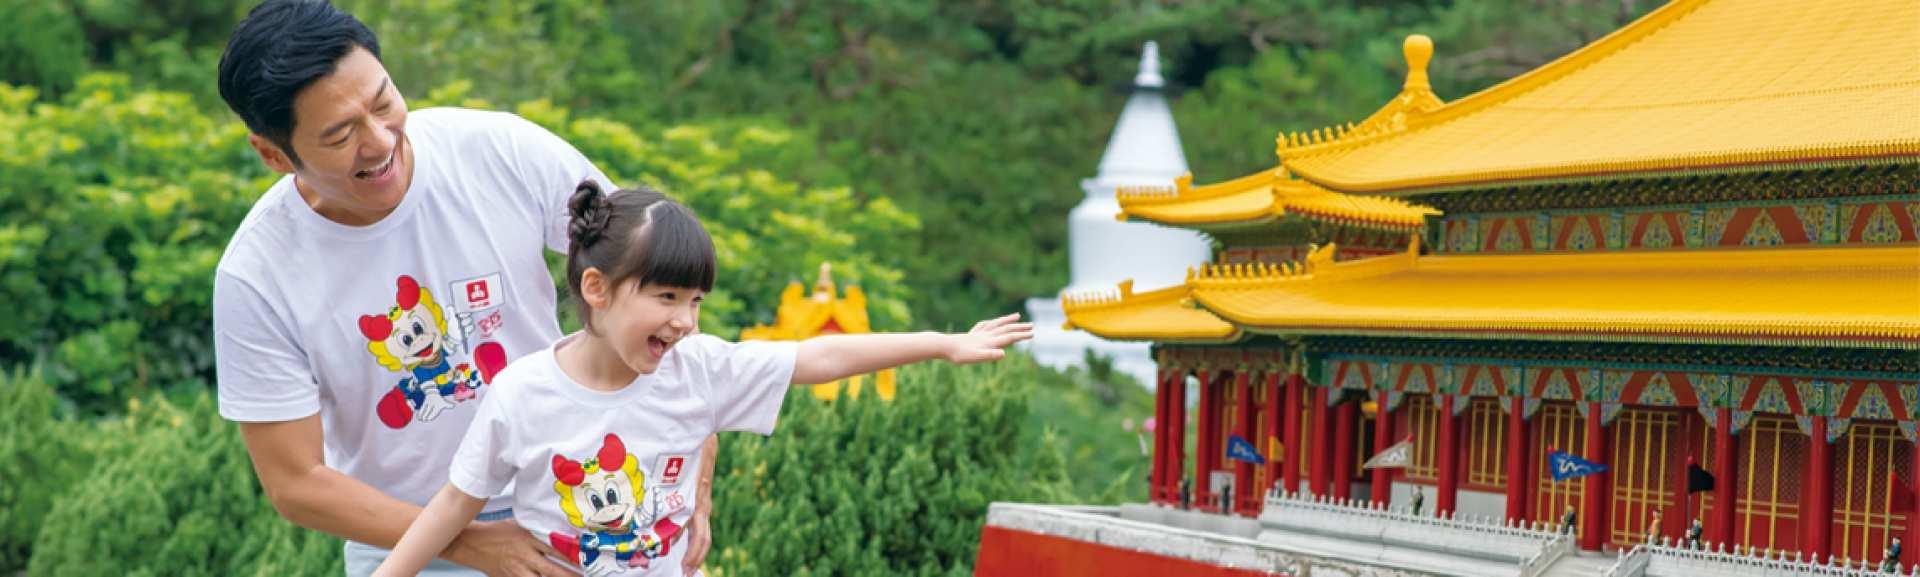 台湾・桃園 小人国主題楽園チケット+台北往復バス セット券